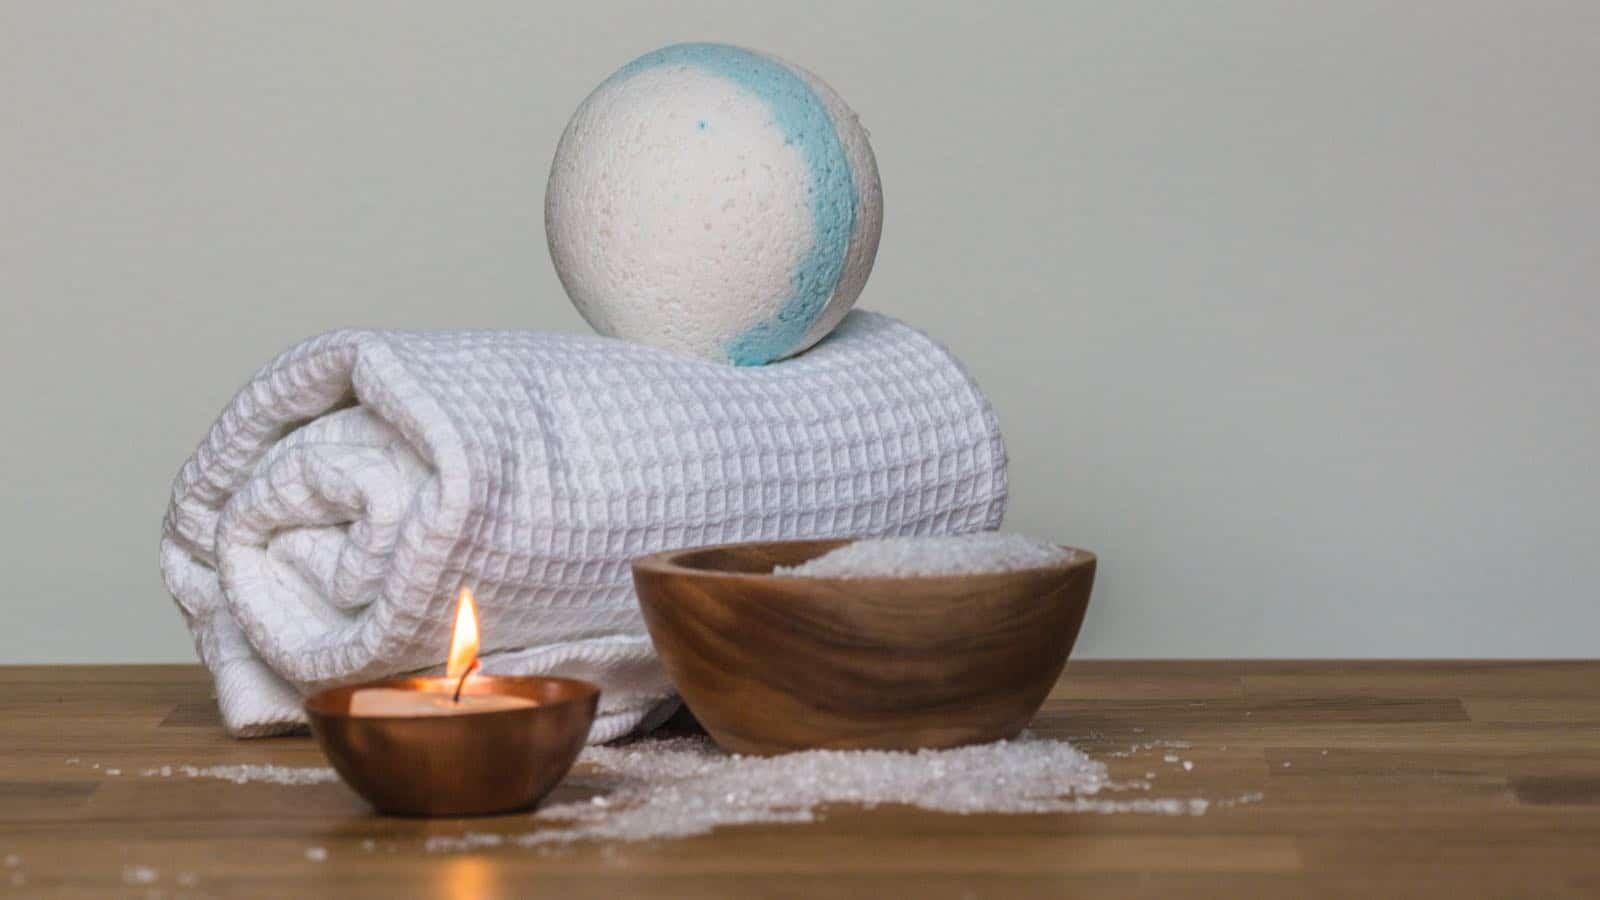 Handtücher waschen- So funktioniert es richtig | Anleitung 2020